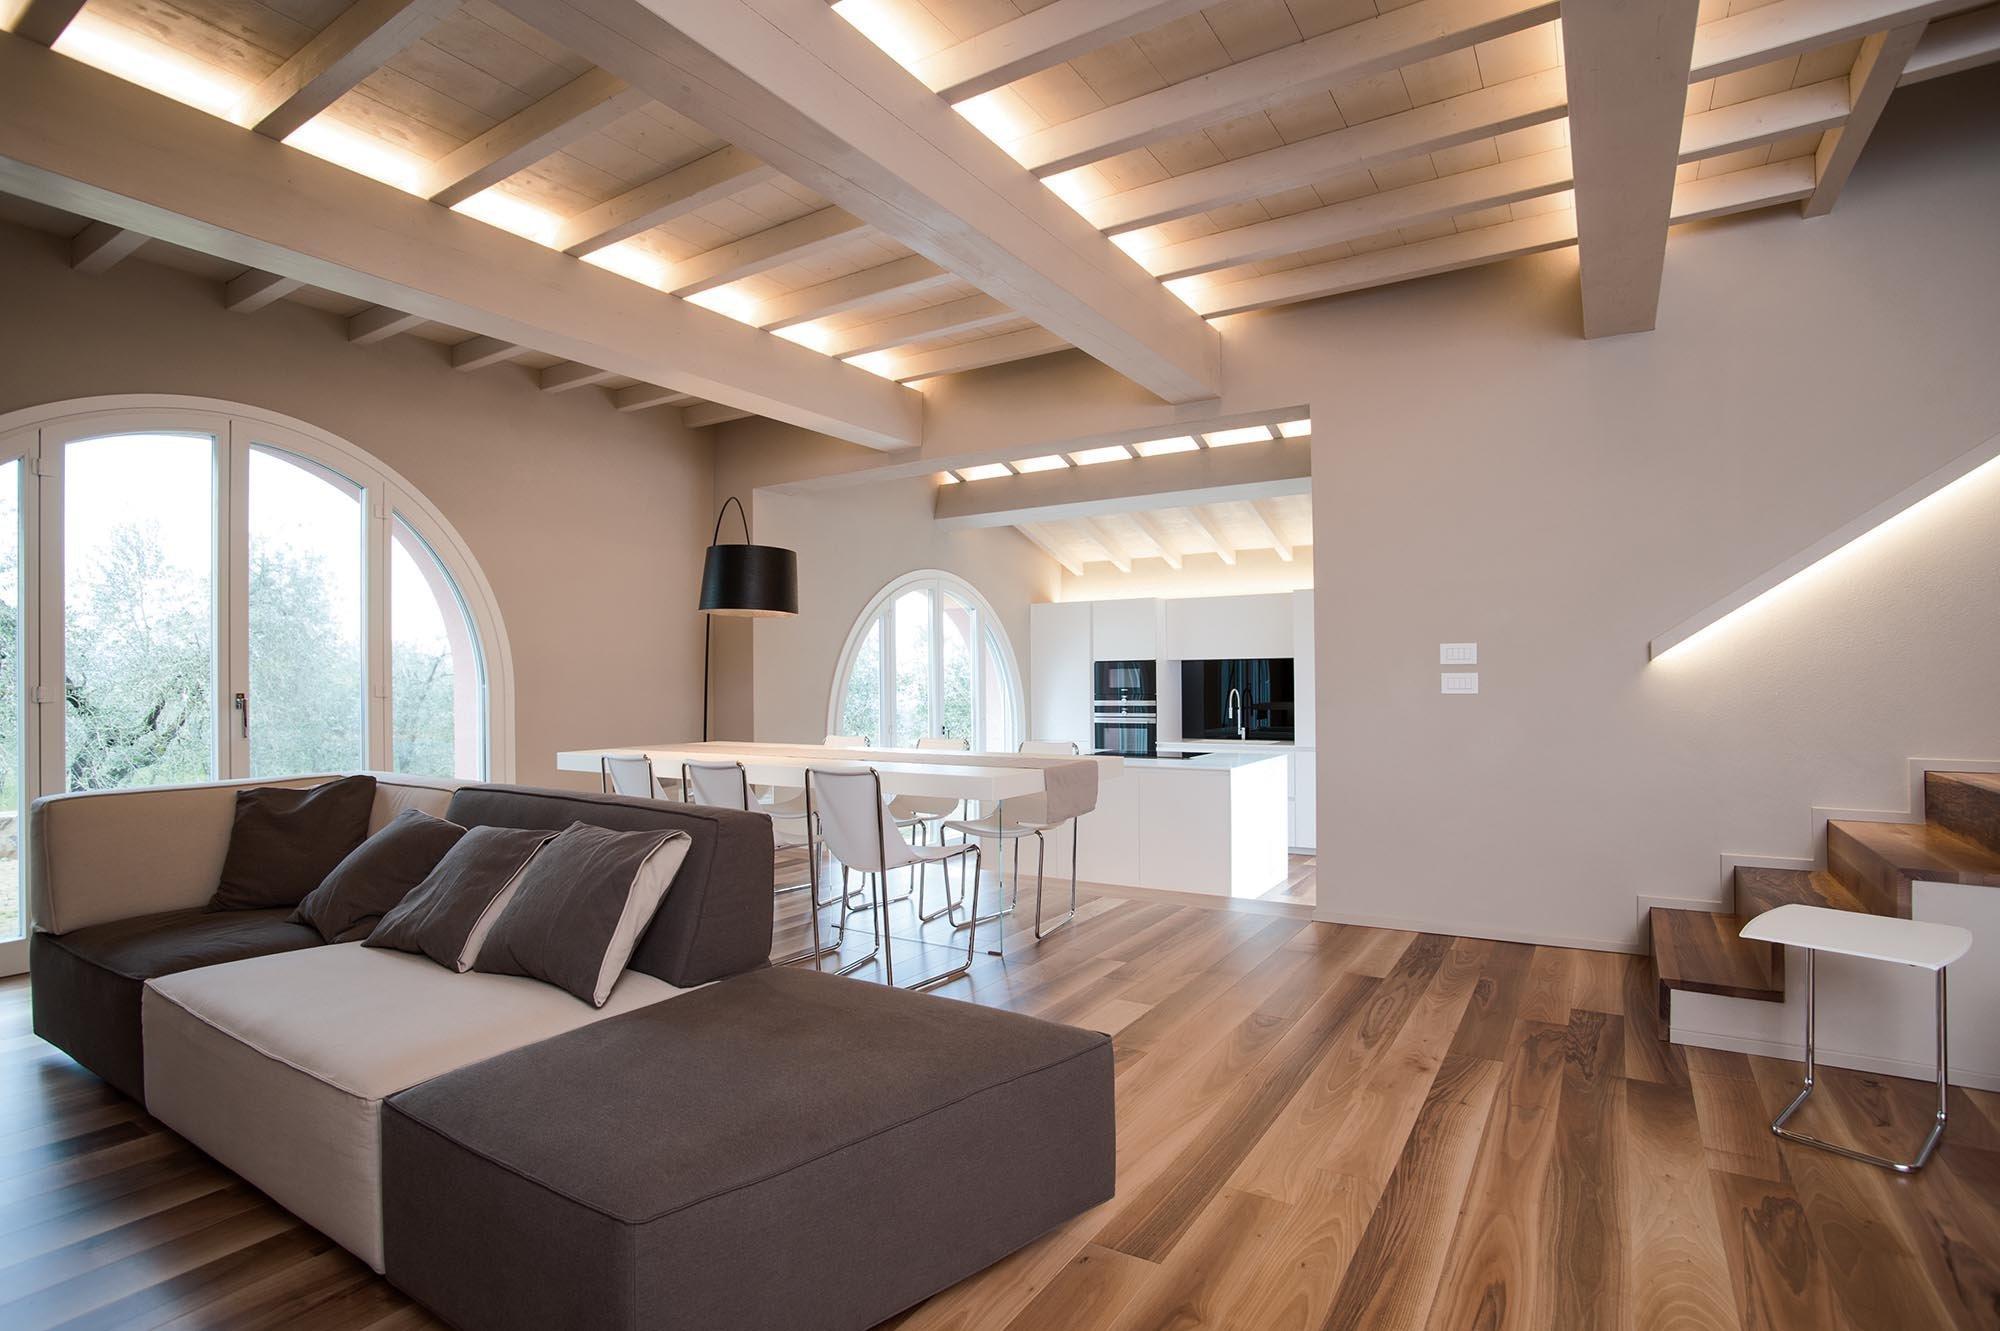 K tomu, abychom si mohli zařídit útulné a hezké bydlení, nepotřebujeme přehnaně moc detailů. Dobře nám může posloužit i strop, který bude sám o sobě působit jako dekorace. Své o tom ví i designérka Rachele Biancalani, která navrhla bydlení v tomto duchu pro mladou rodinu.